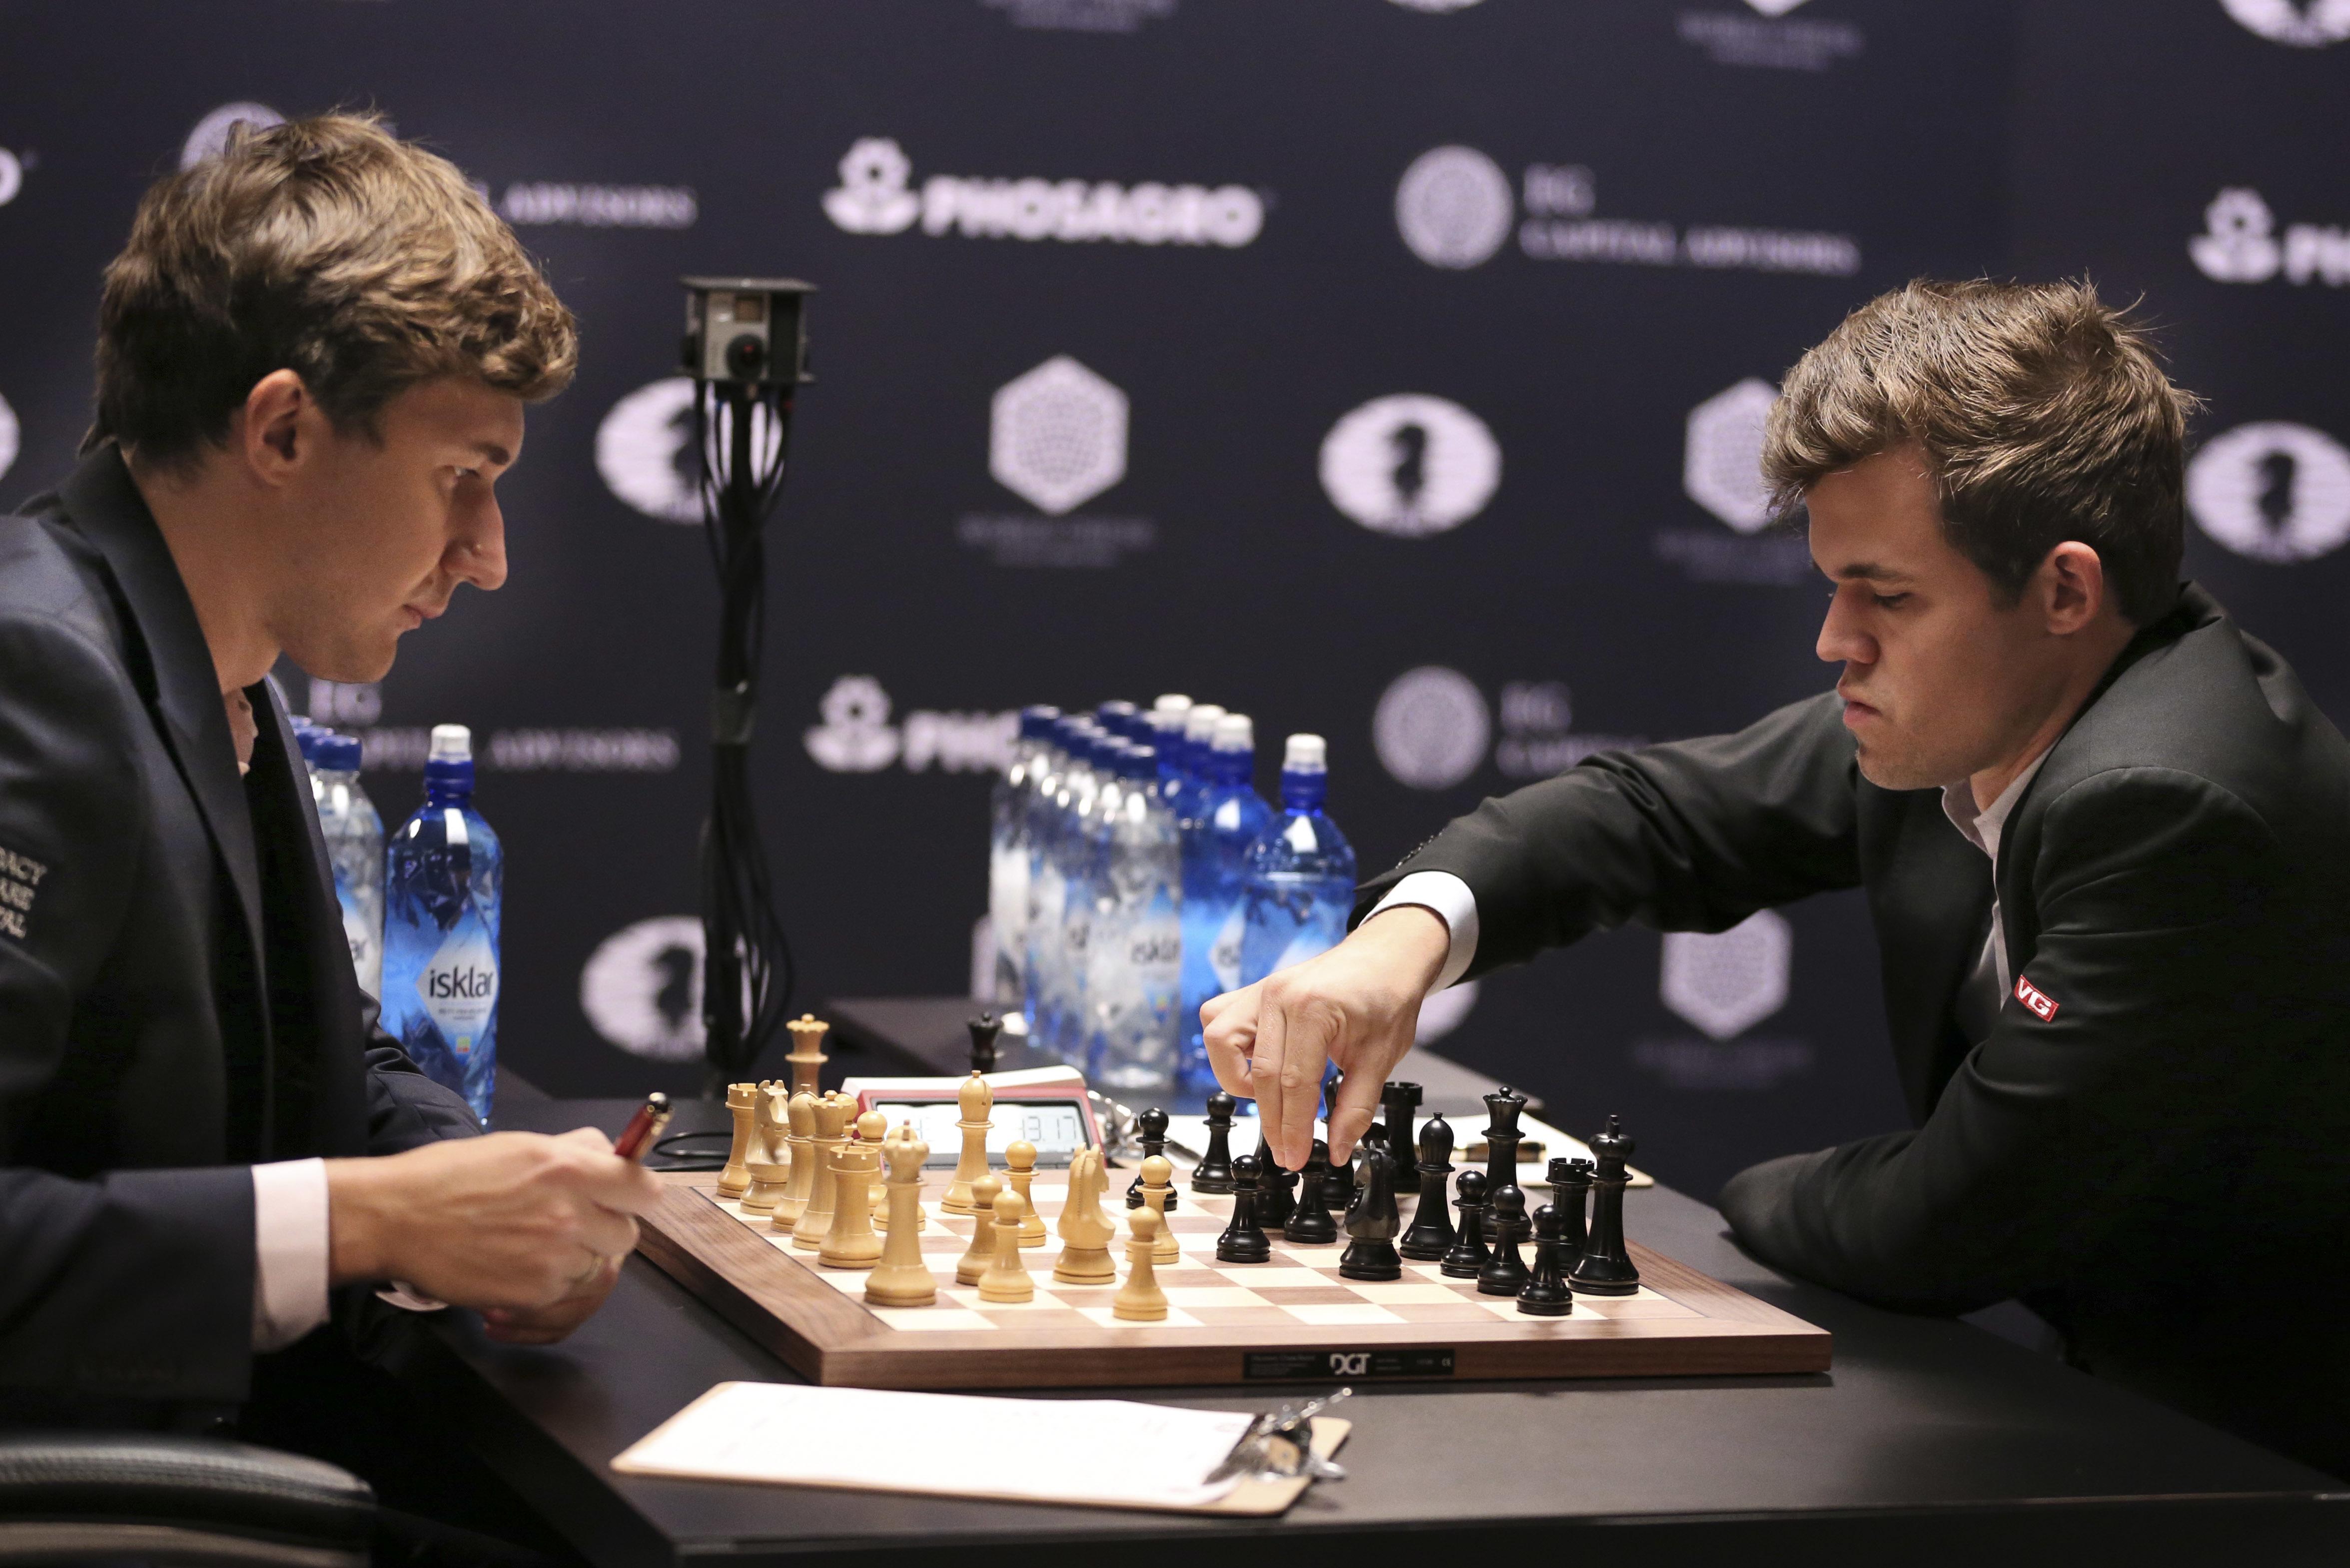 В этом странном матче Магнус Карлсен проиграл белыми, а решающую победу одержал, играя черными.